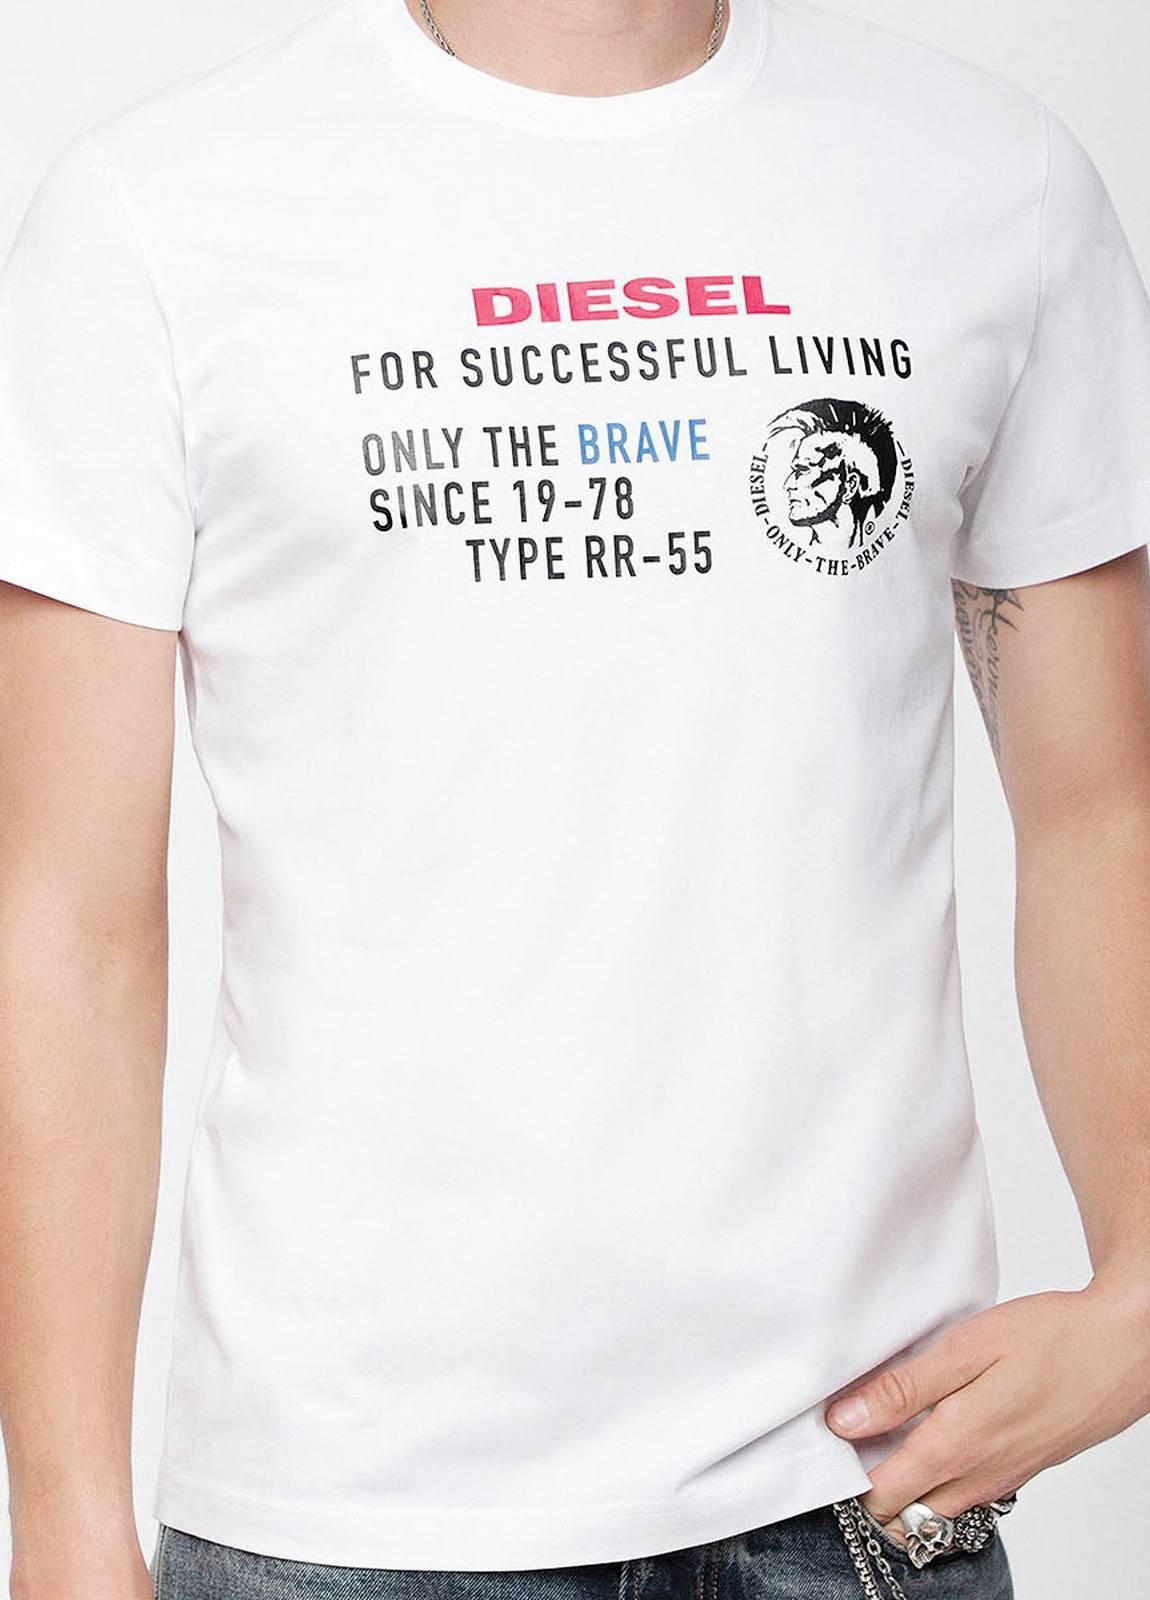 Camiseta básica m/corta de corte recto y logo Diesel. Color blanco. 100% algodón.